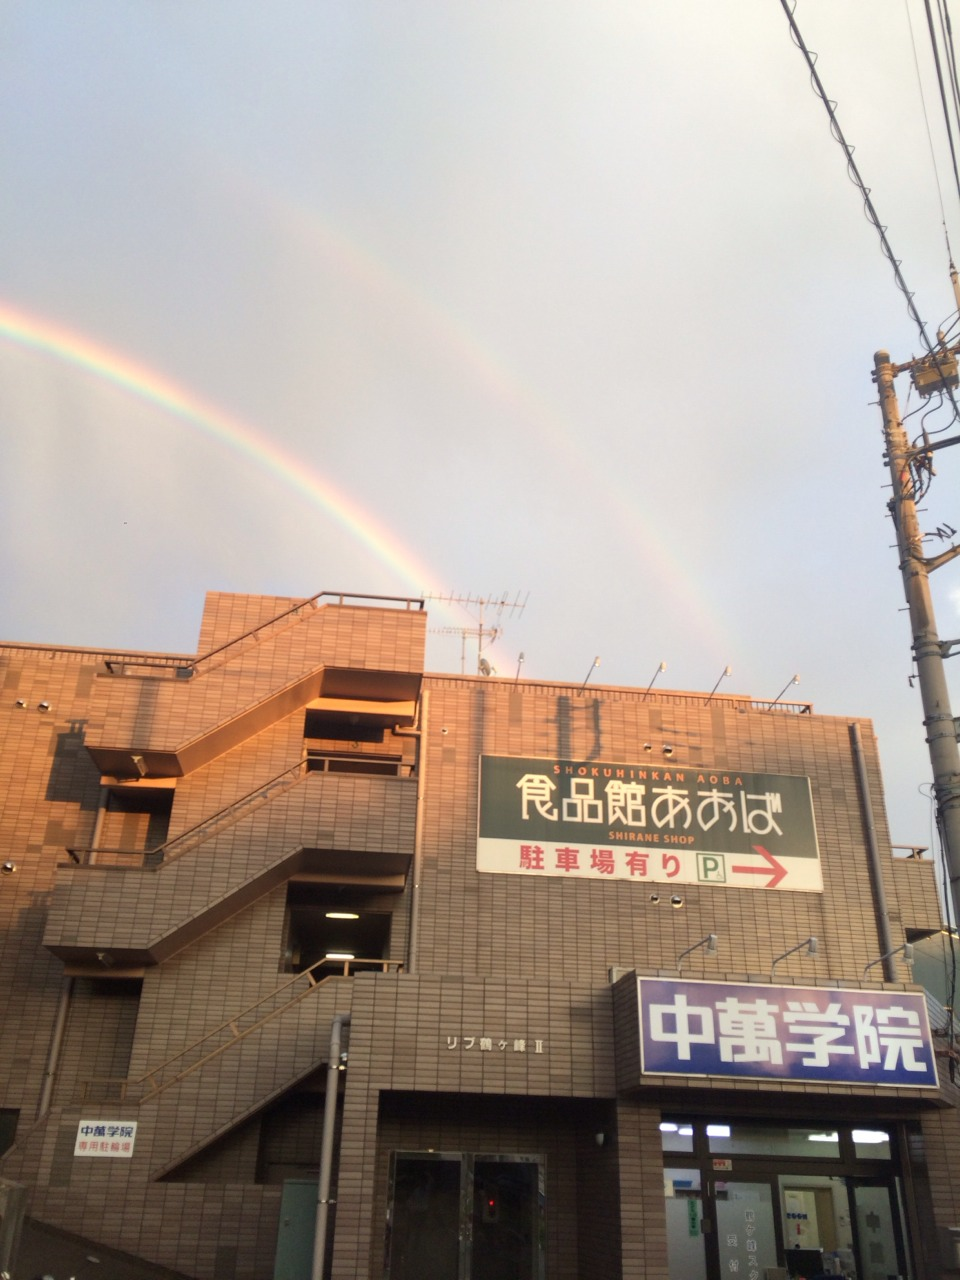 鶴ヶ峰スクールの上空に虹がかかりました☆ しかも、良く見ると2本も!外側の虹は、腹虹(ふくこう)と言って通常見られる虹の外側にある、ひと回り大きい虹で、色の並びが内側の虹とは逆になるのです!